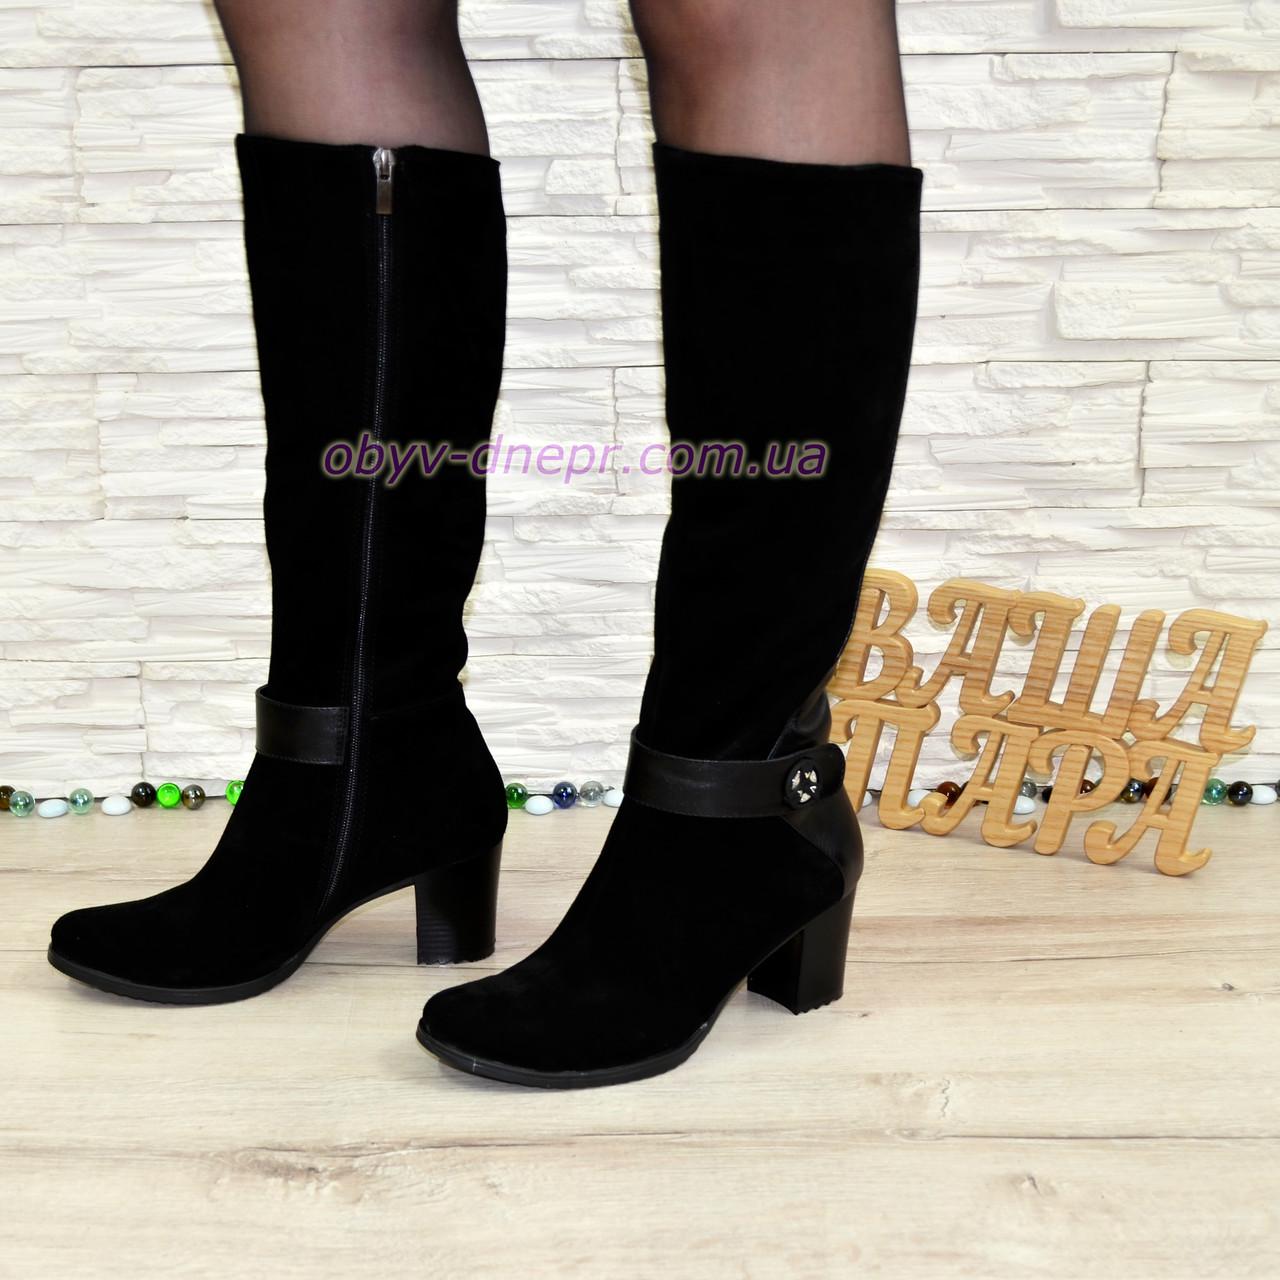 2424d2bf8 Женские демисезонные сапоги из натуральной замши черного цвета на невысоком  каблуке. - Интернет-магазин